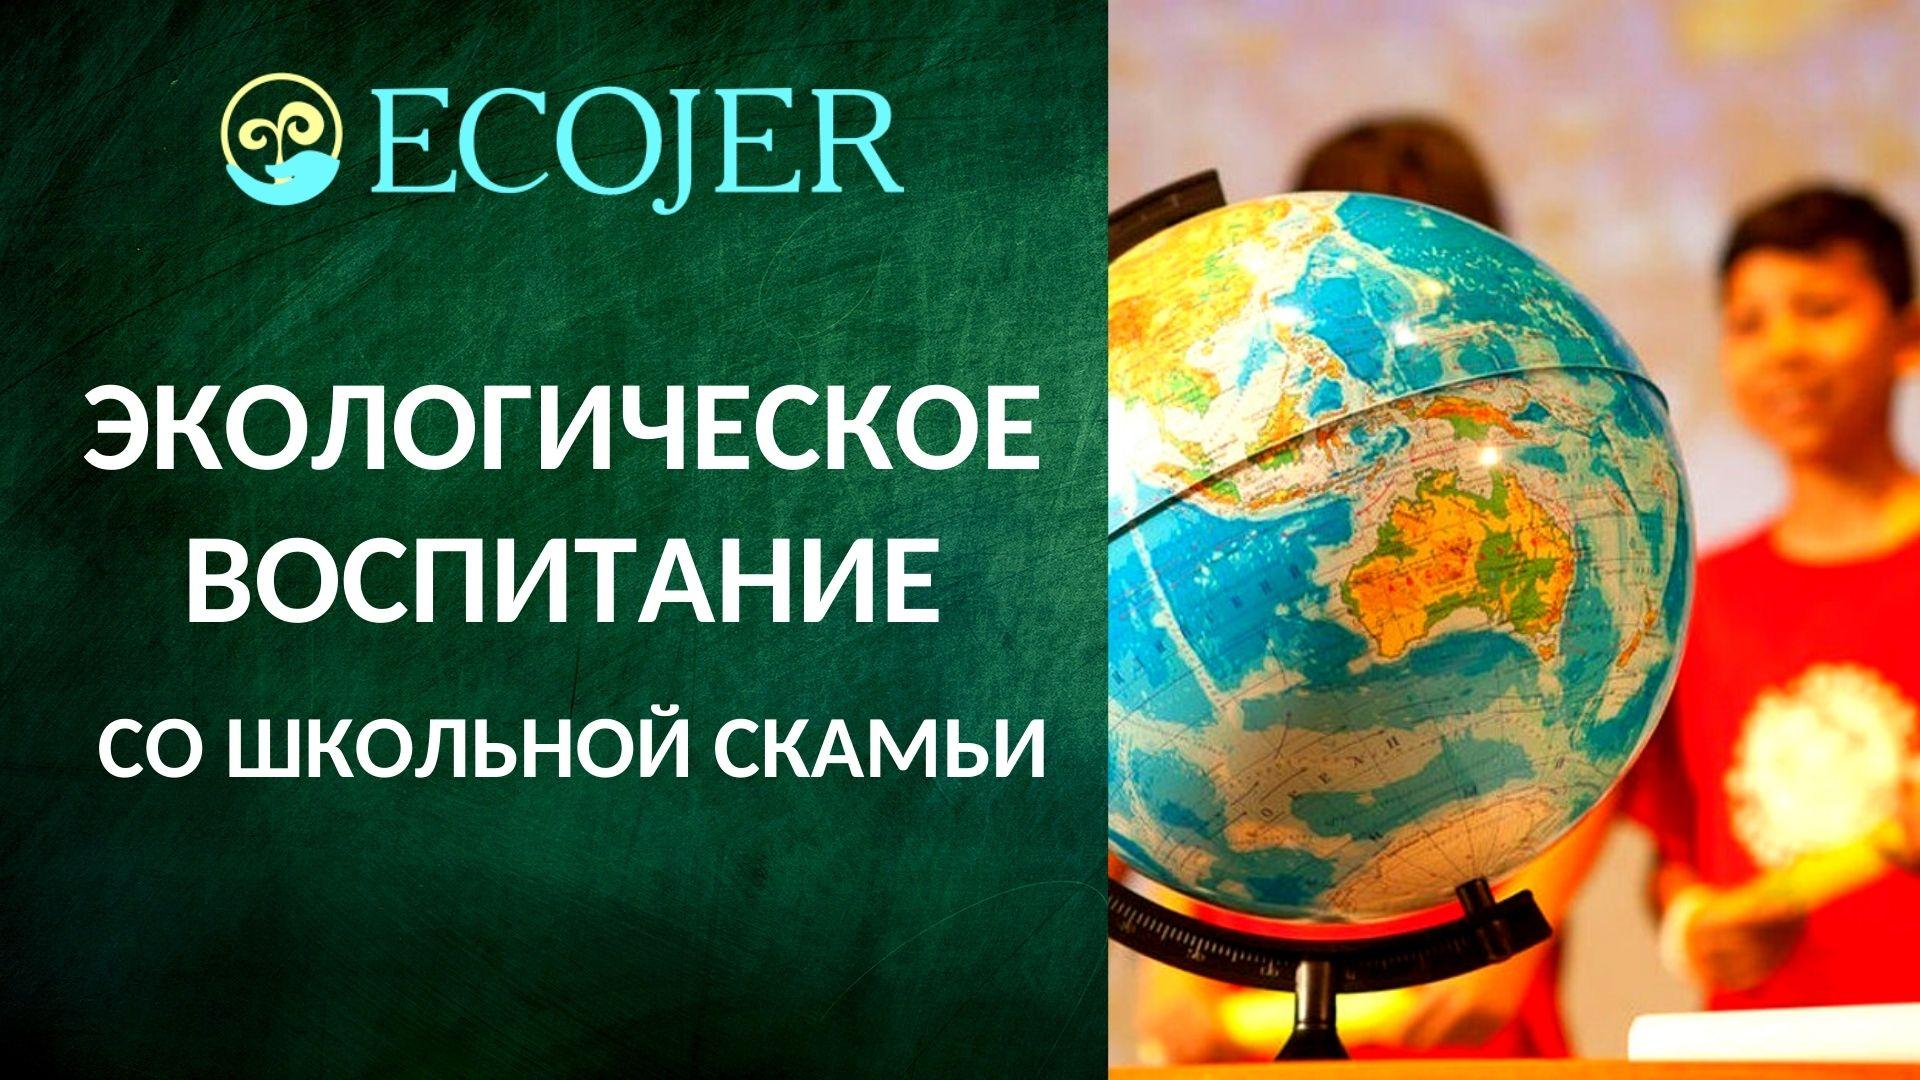 Экологическое воспитание со школьной скамьи /// телепроект